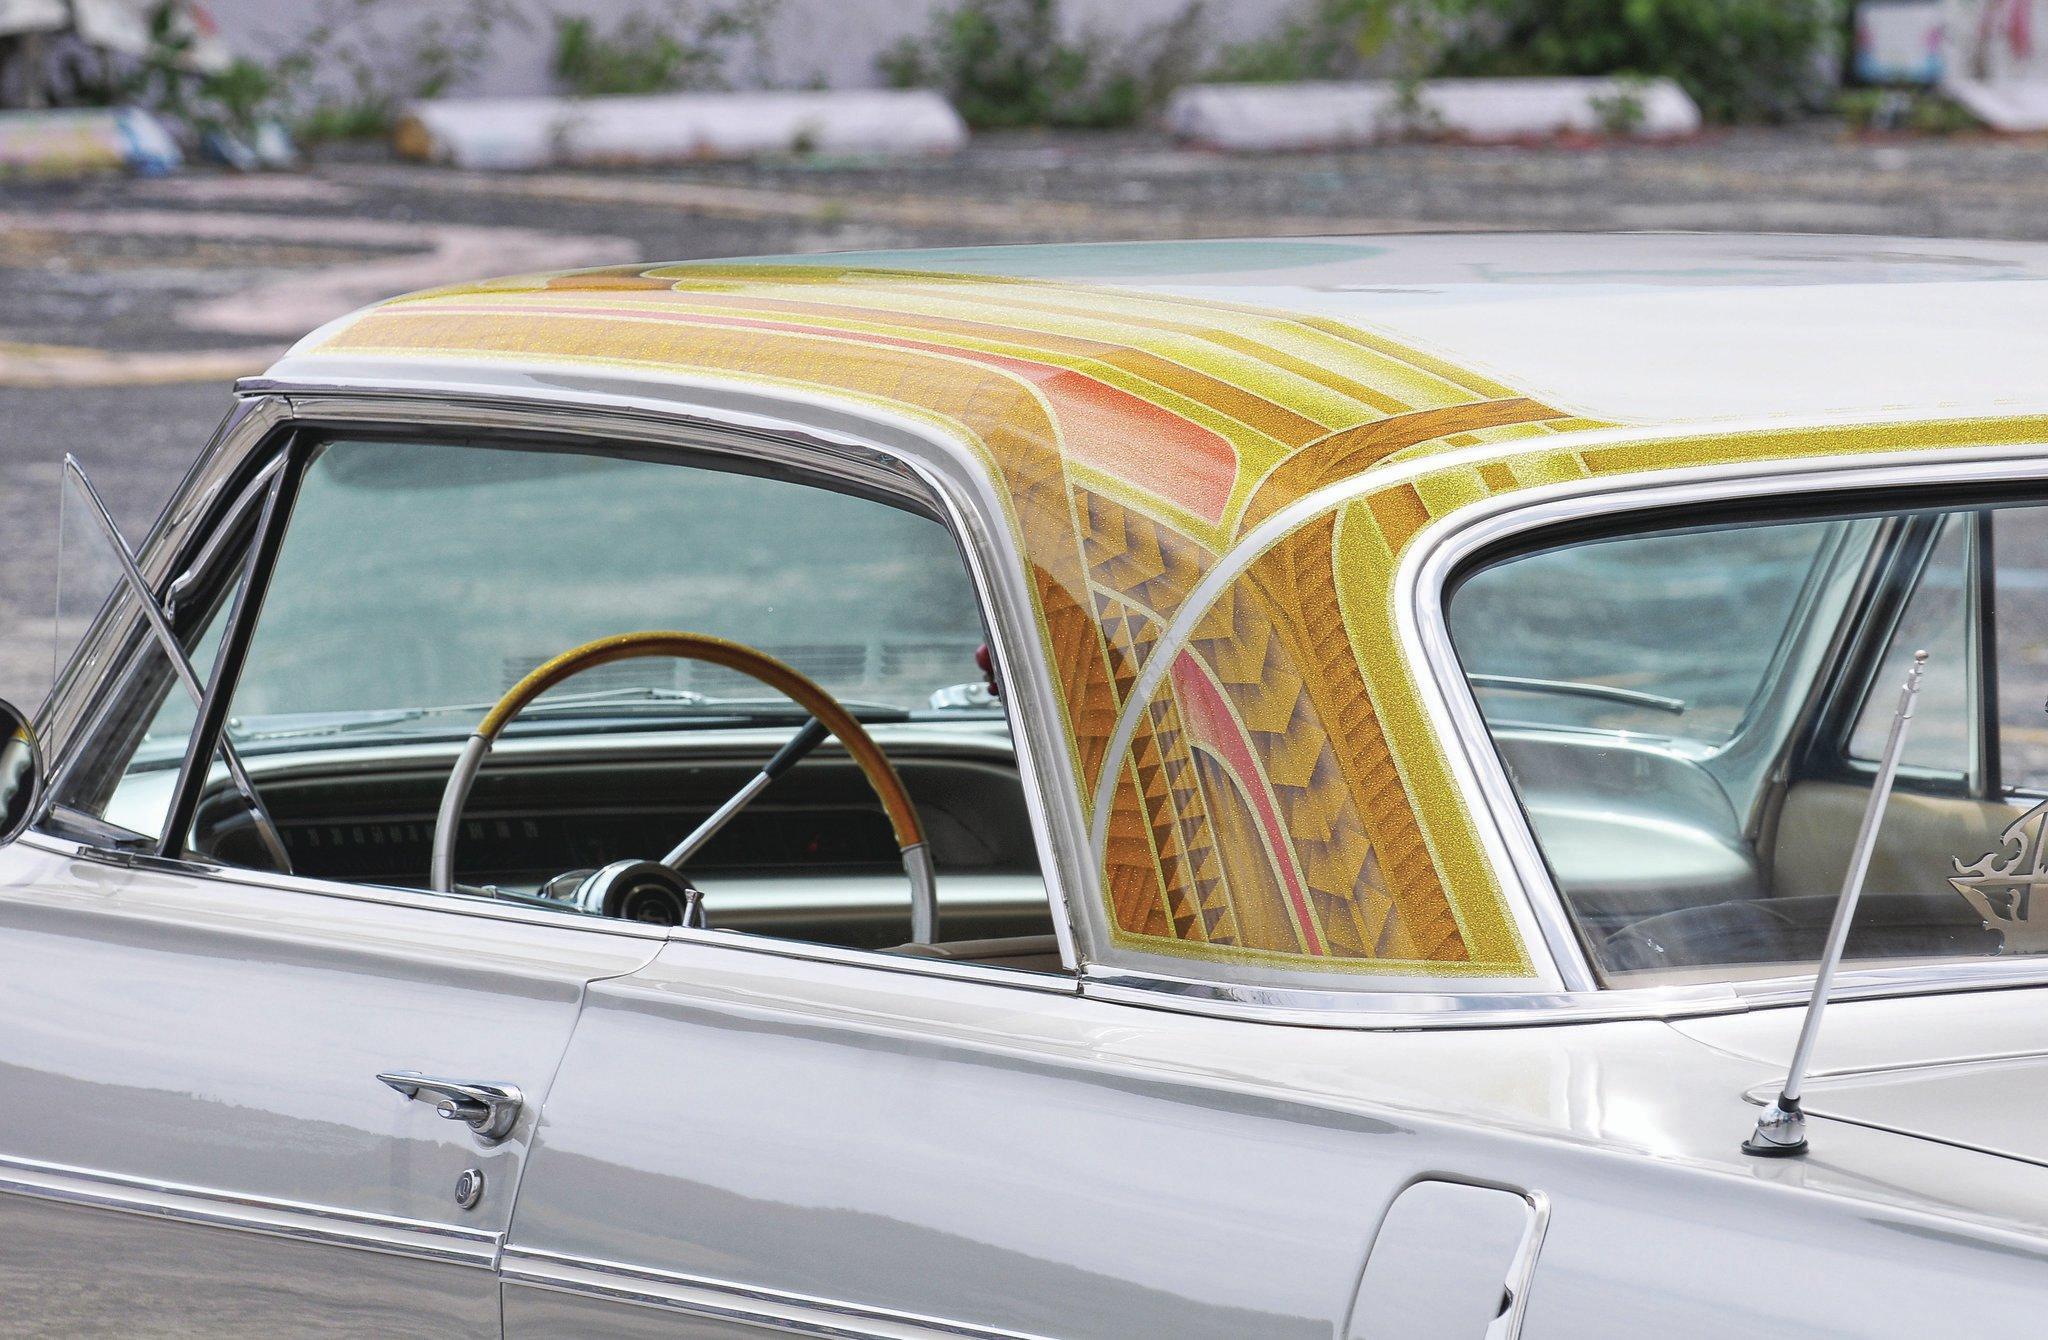 1964 Chevrolet Impala Sinatra